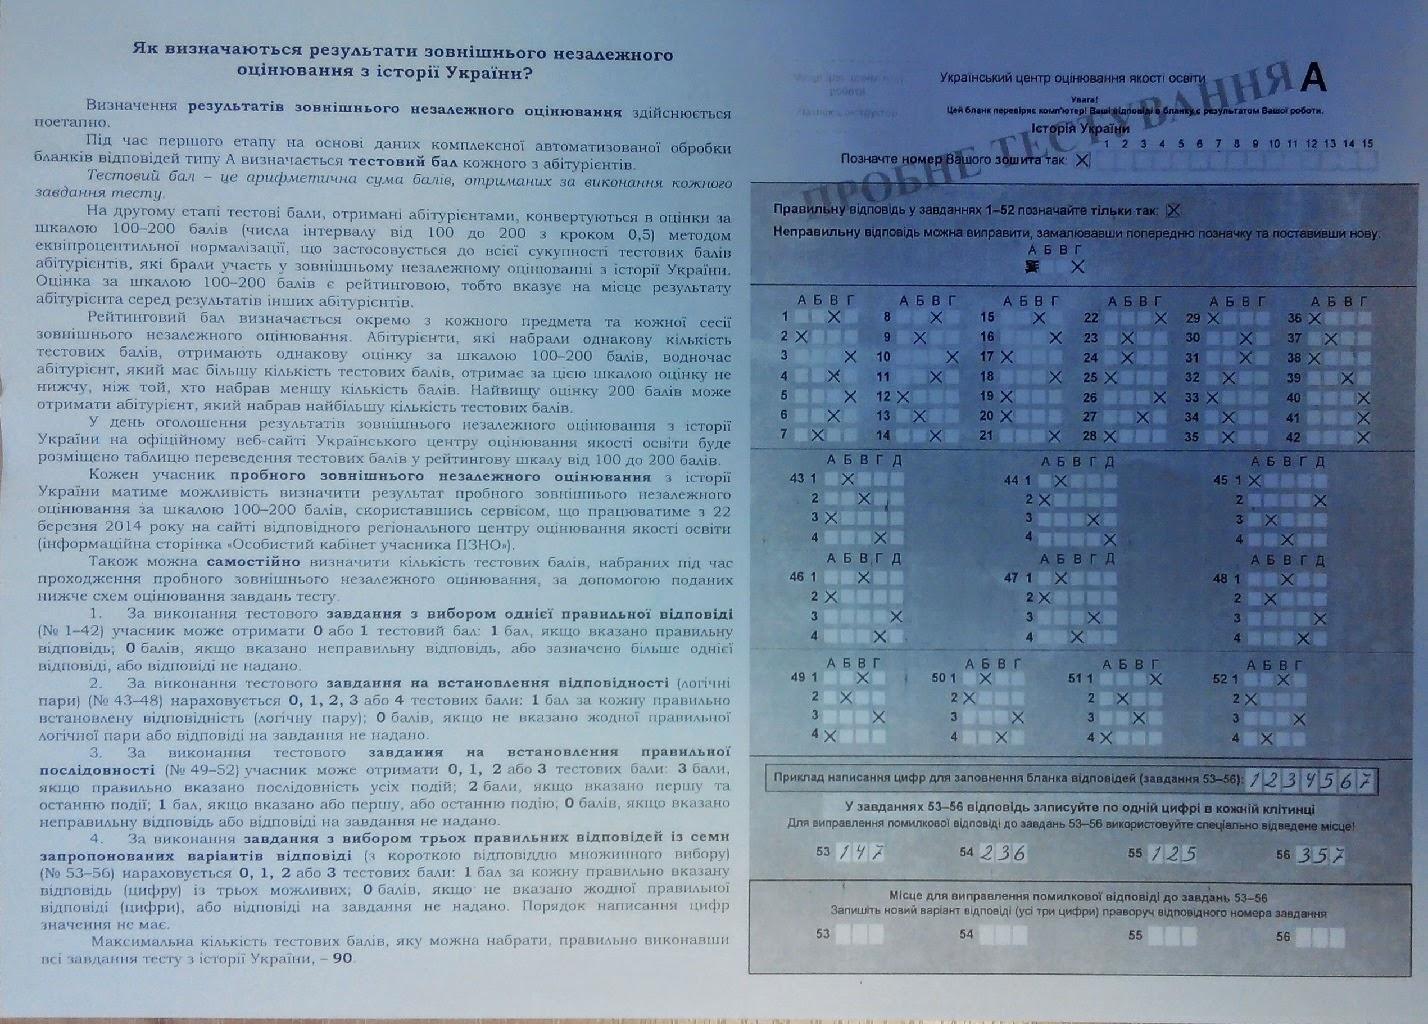 Онлайн тесты и решения тестовых заданий внешнего независимого оценивания ( зно) за 2013 год